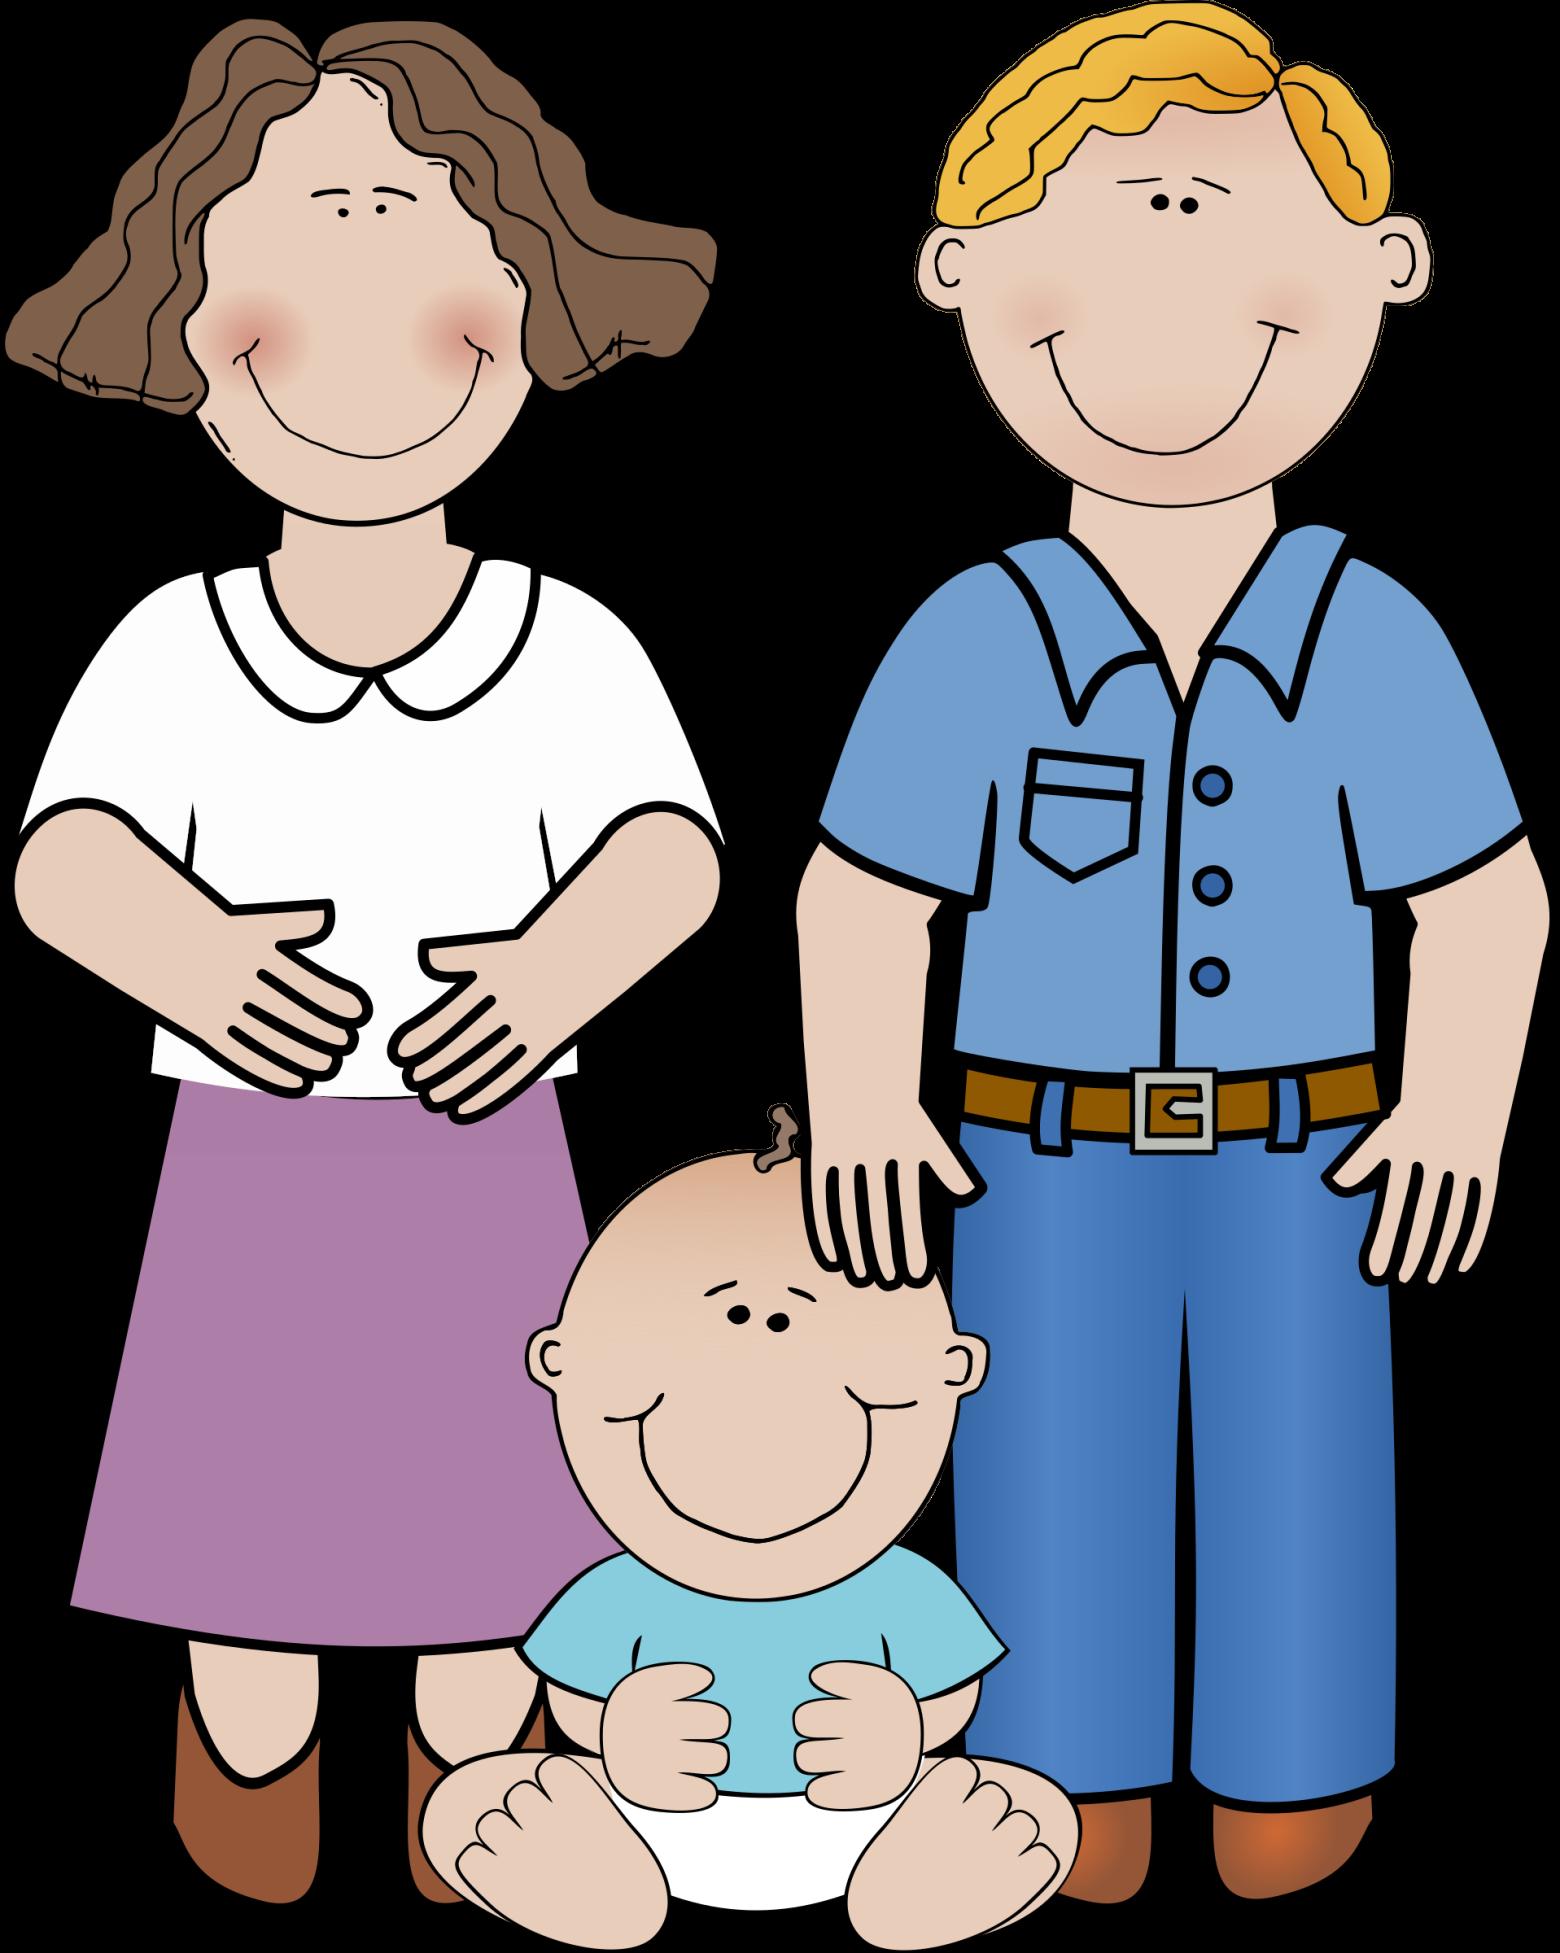 Clipart Famille clipart gratuit famille | images gratuites et libres de droits